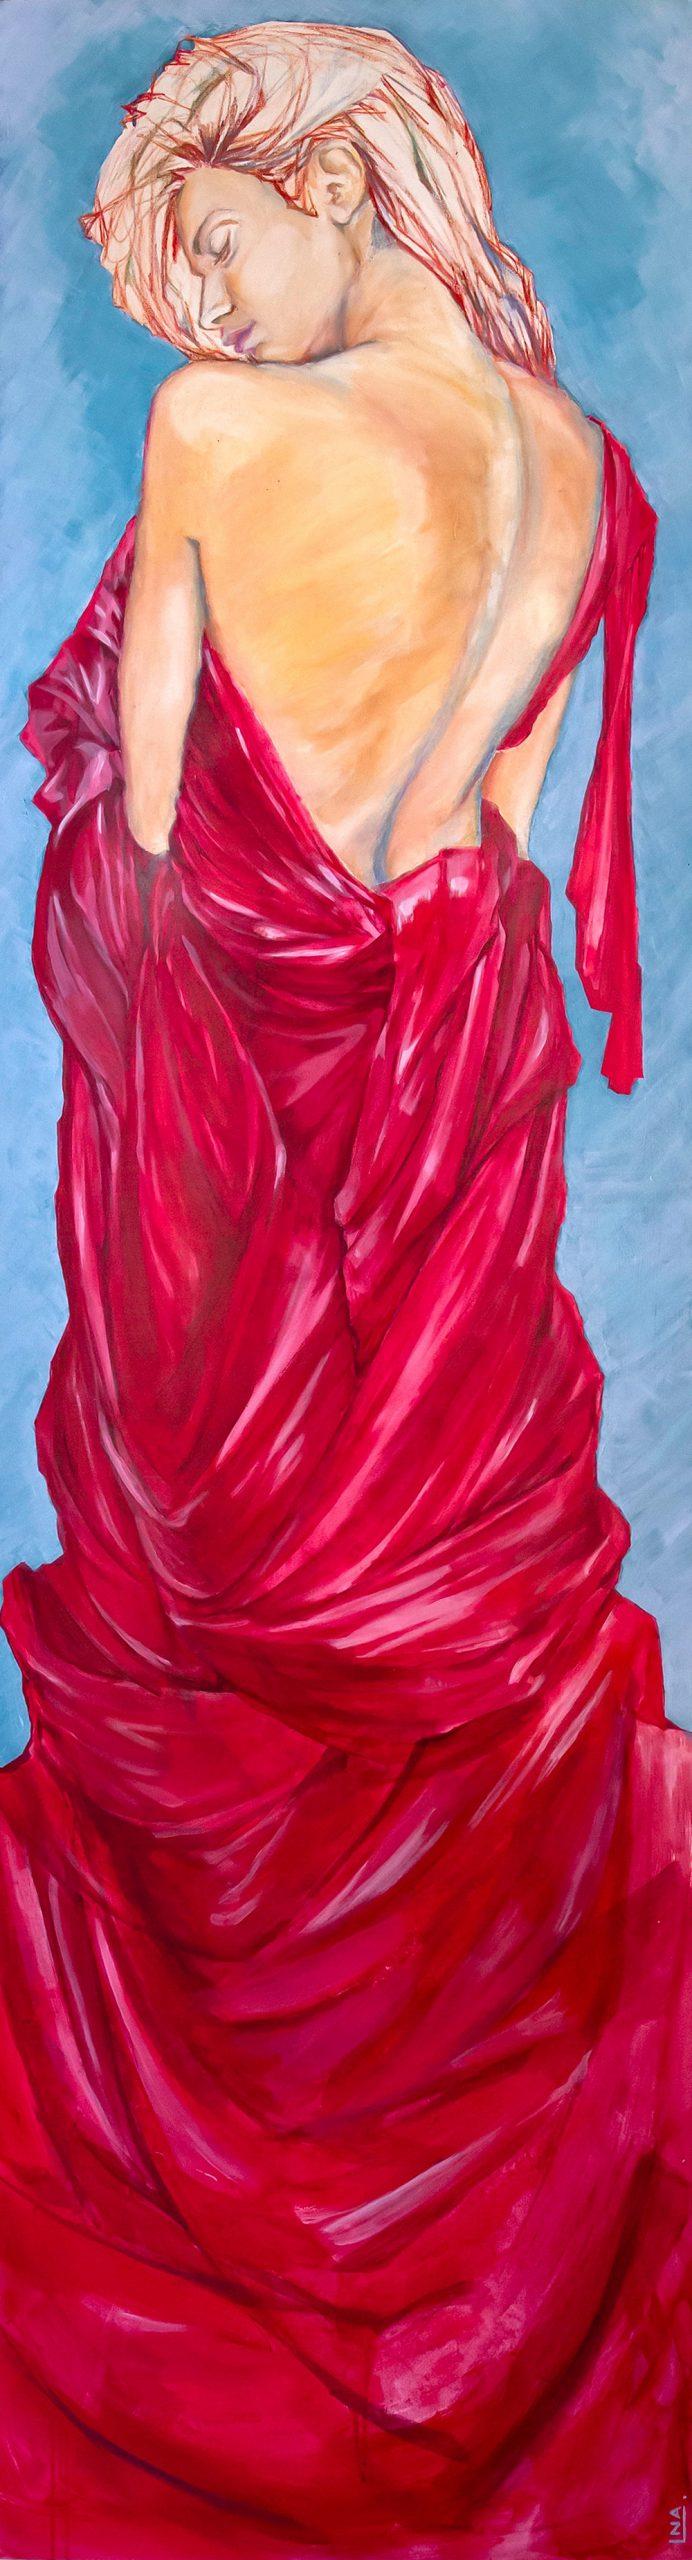 Nanou Autin, Peinture, Carmen, Acrylique, pastels, crayon sur toile marouflée, support bois cintré (piétement tubulaire acier ou platine accroche murale), 60×220 cm – 2016